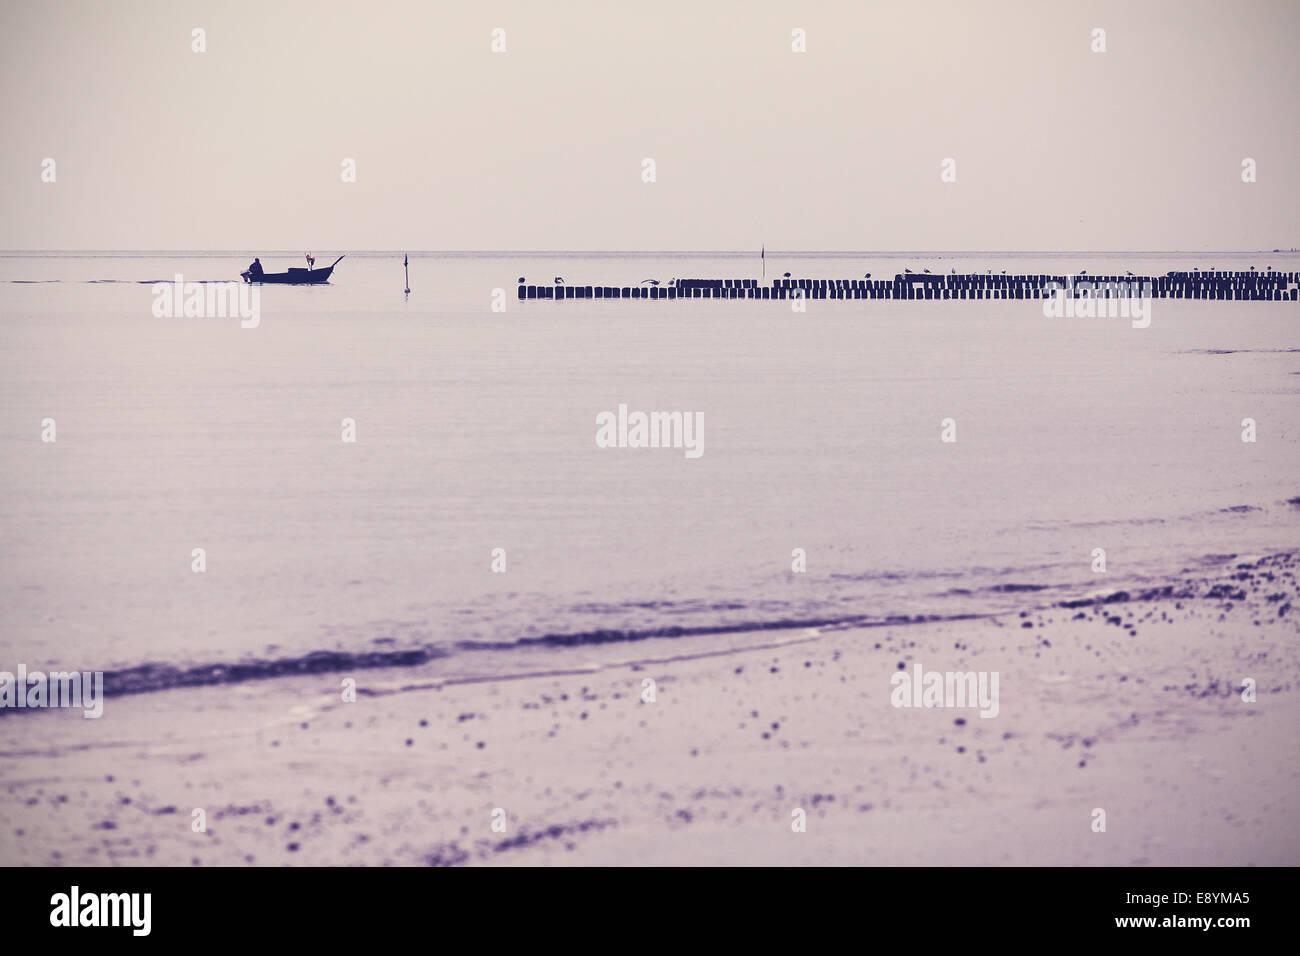 Paysage de mer filtrée rétro nostalgique arrière-plan. Photo Stock